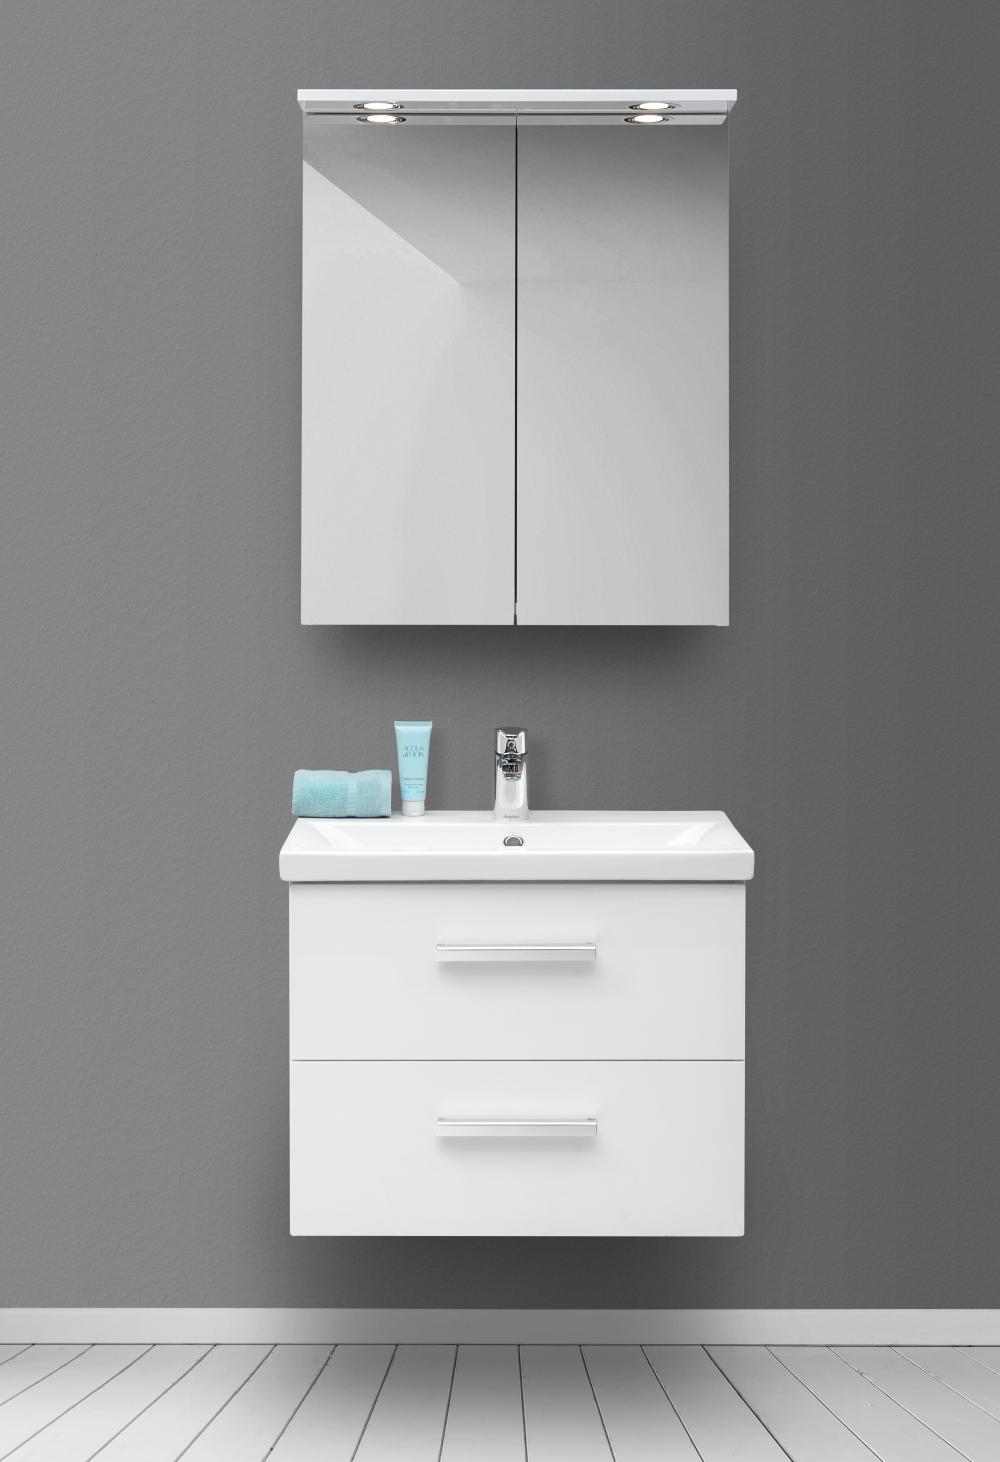 Bild tagen framifrån som visar badrumsmöbler i form av ett vitt underskåp med två lådor och tvättställ. Ovanför sitter ett spegelskåp med två dörrar.